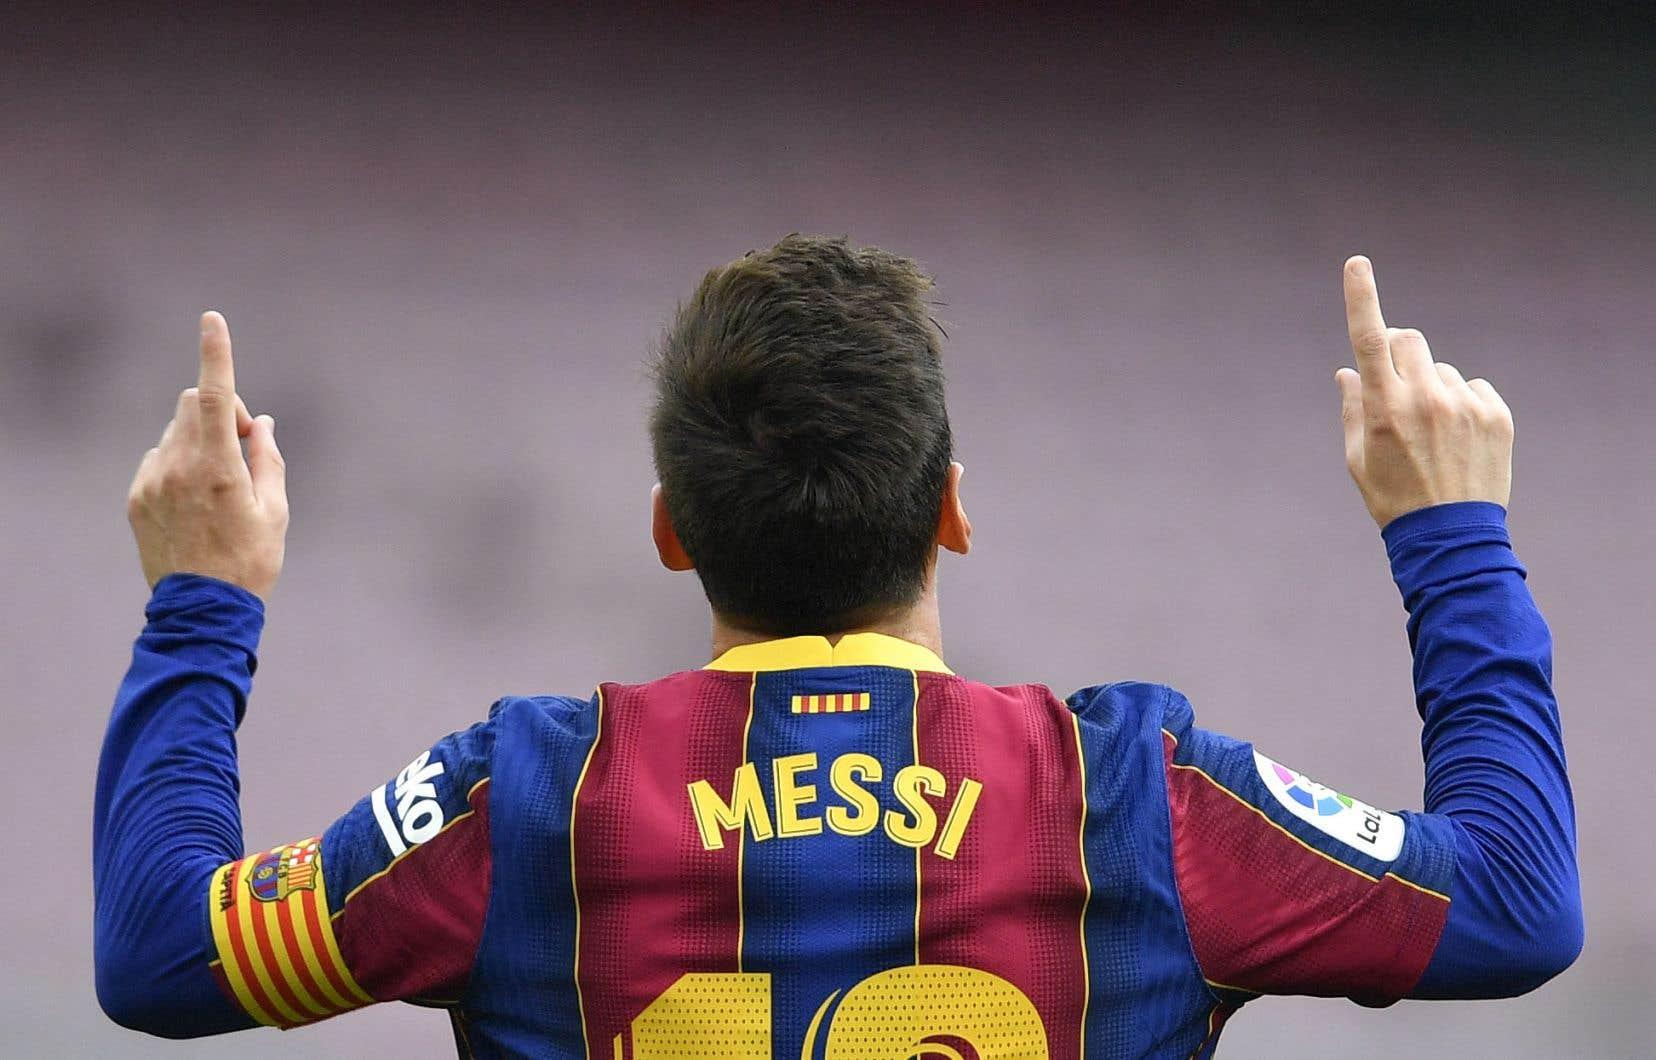 Le contrat actuel de Messi avec le FC Barcelone se termine fin juin, ce qui donne lieu aux hypothèses les plus folles sur l'avenir du joueur de 33ans.